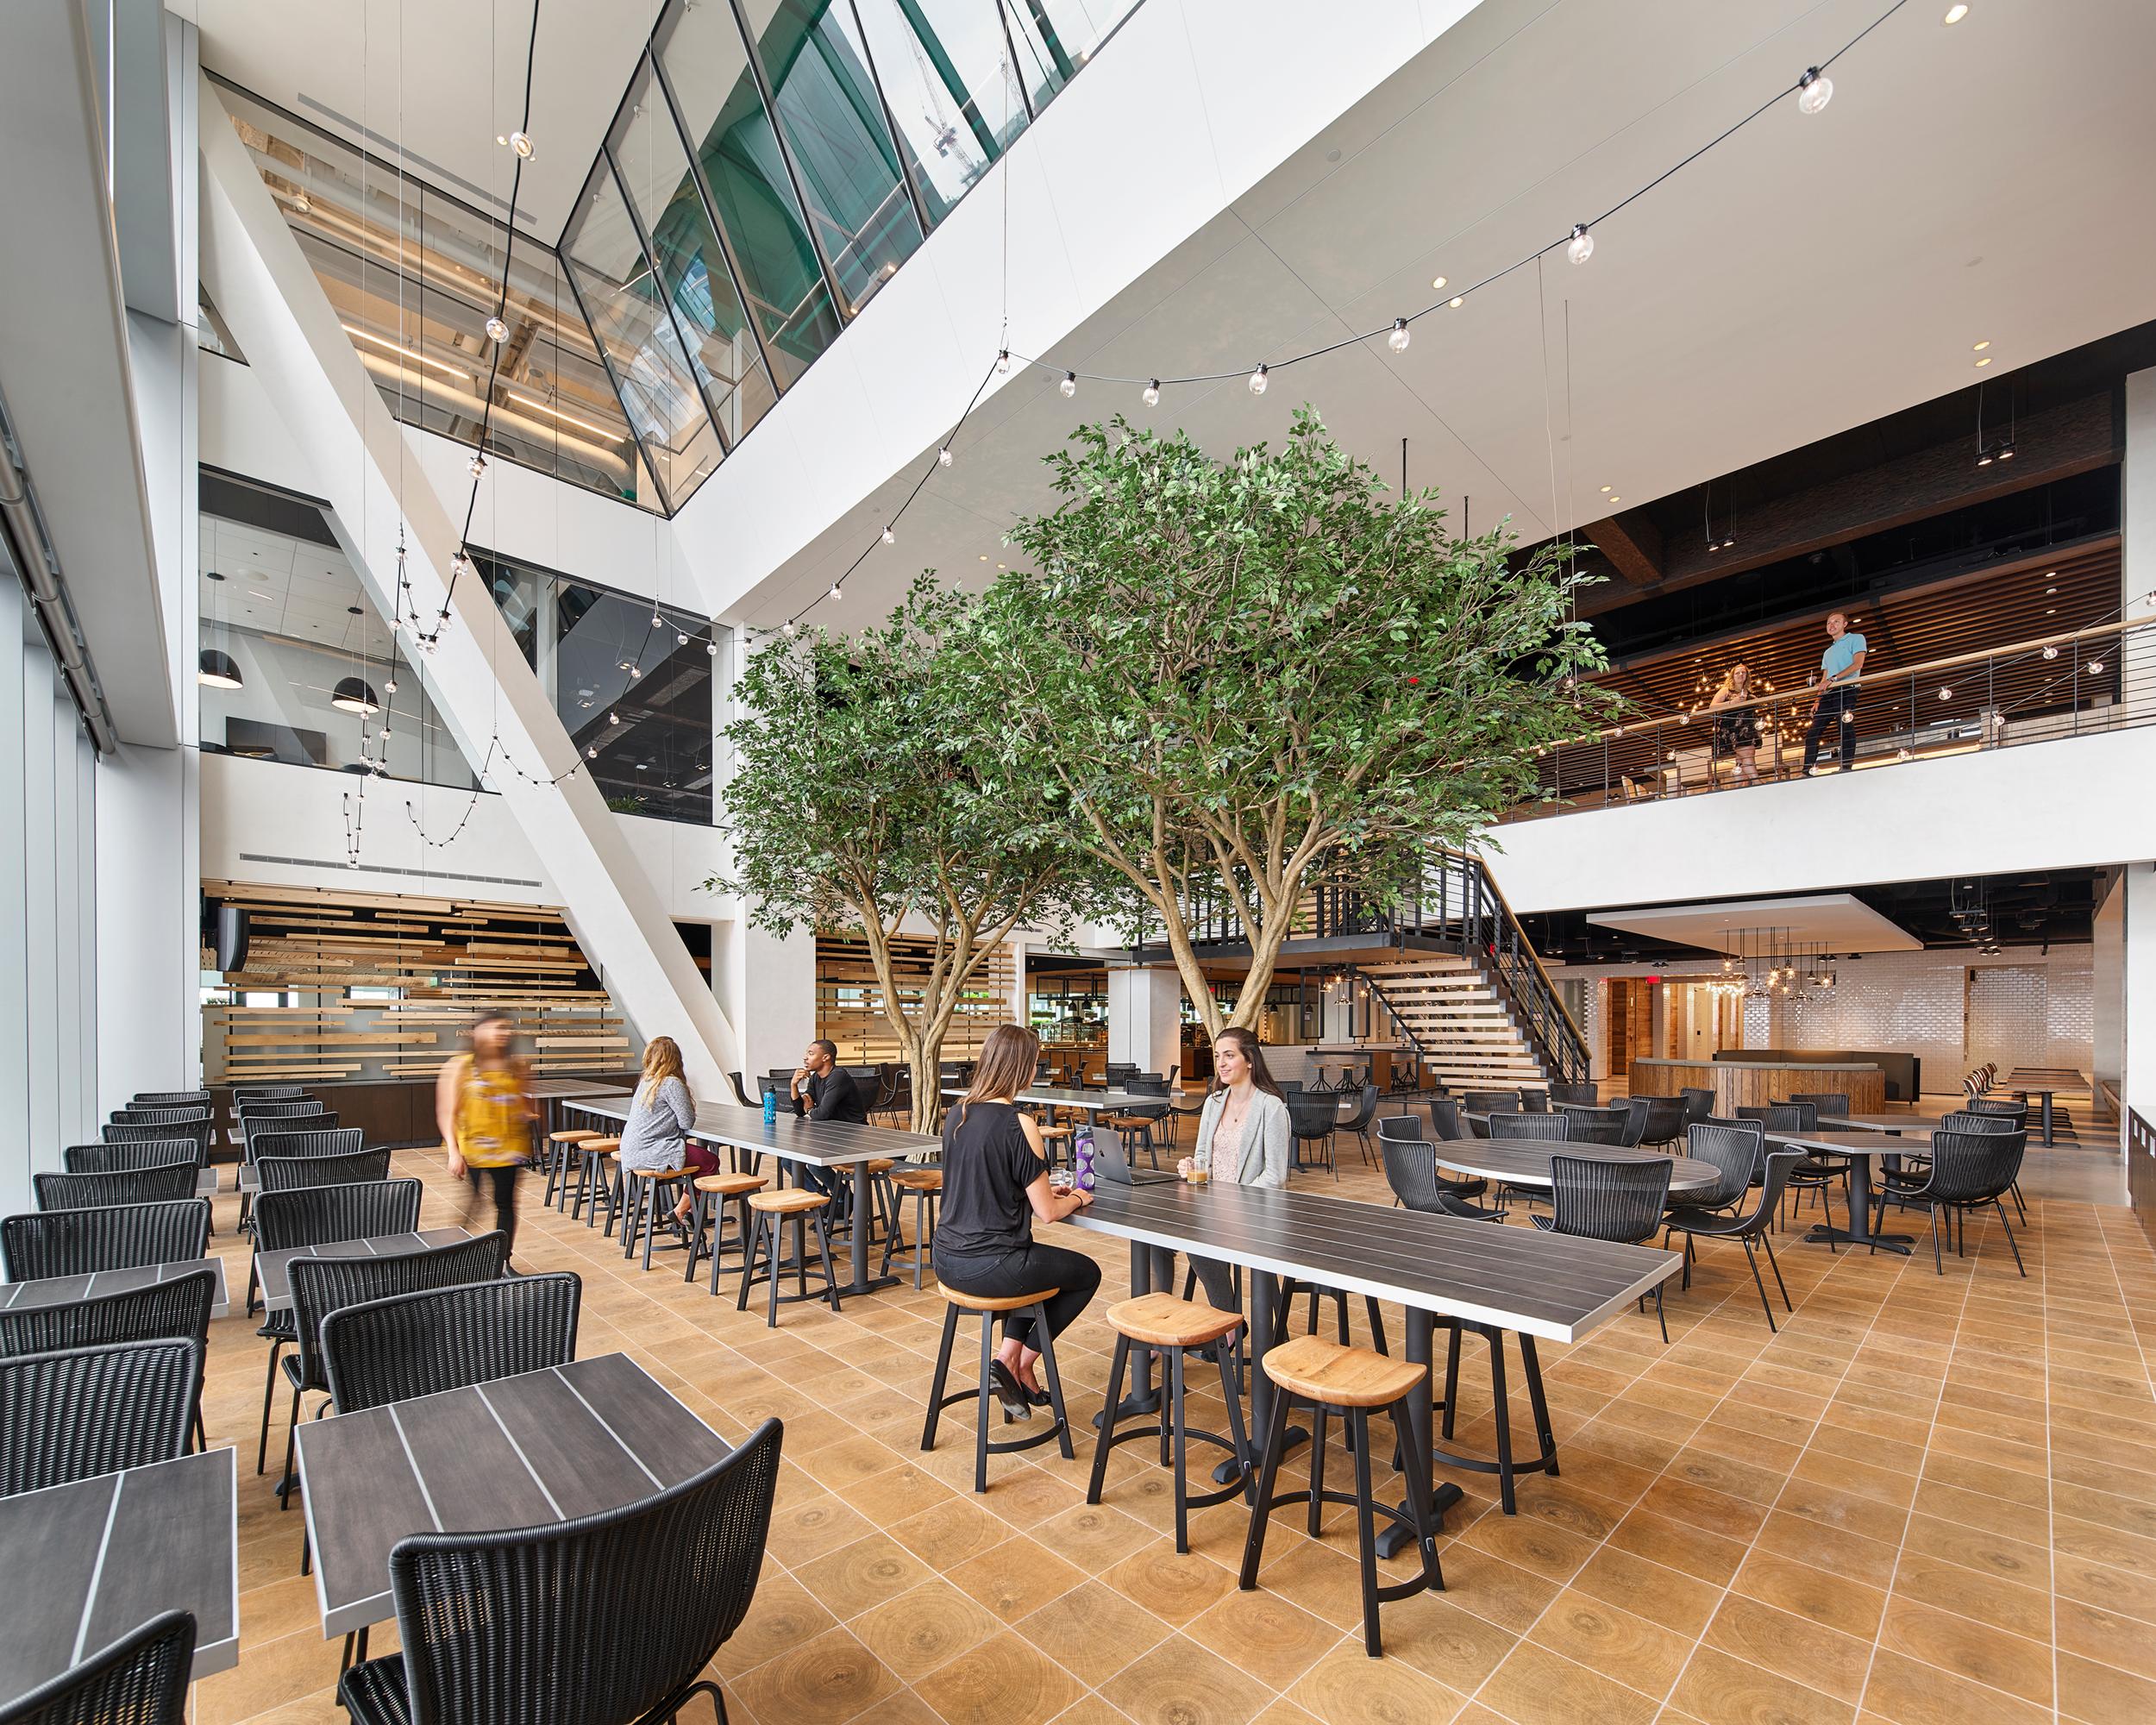 Lunchroom of the Comcast Technology Center in Philadelphia